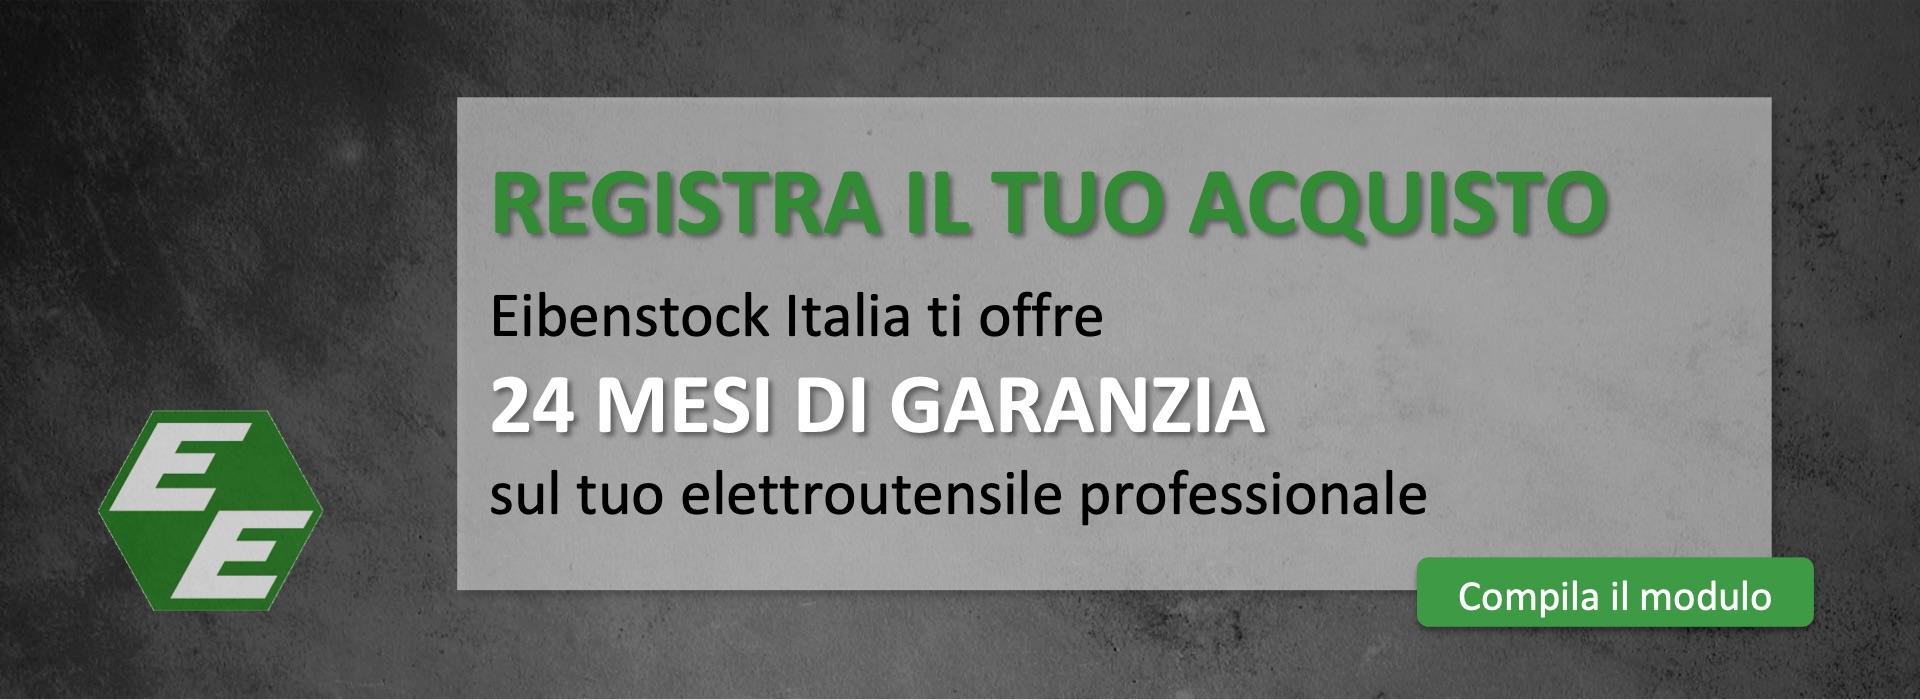 Estensione Garanzia Eibenstock